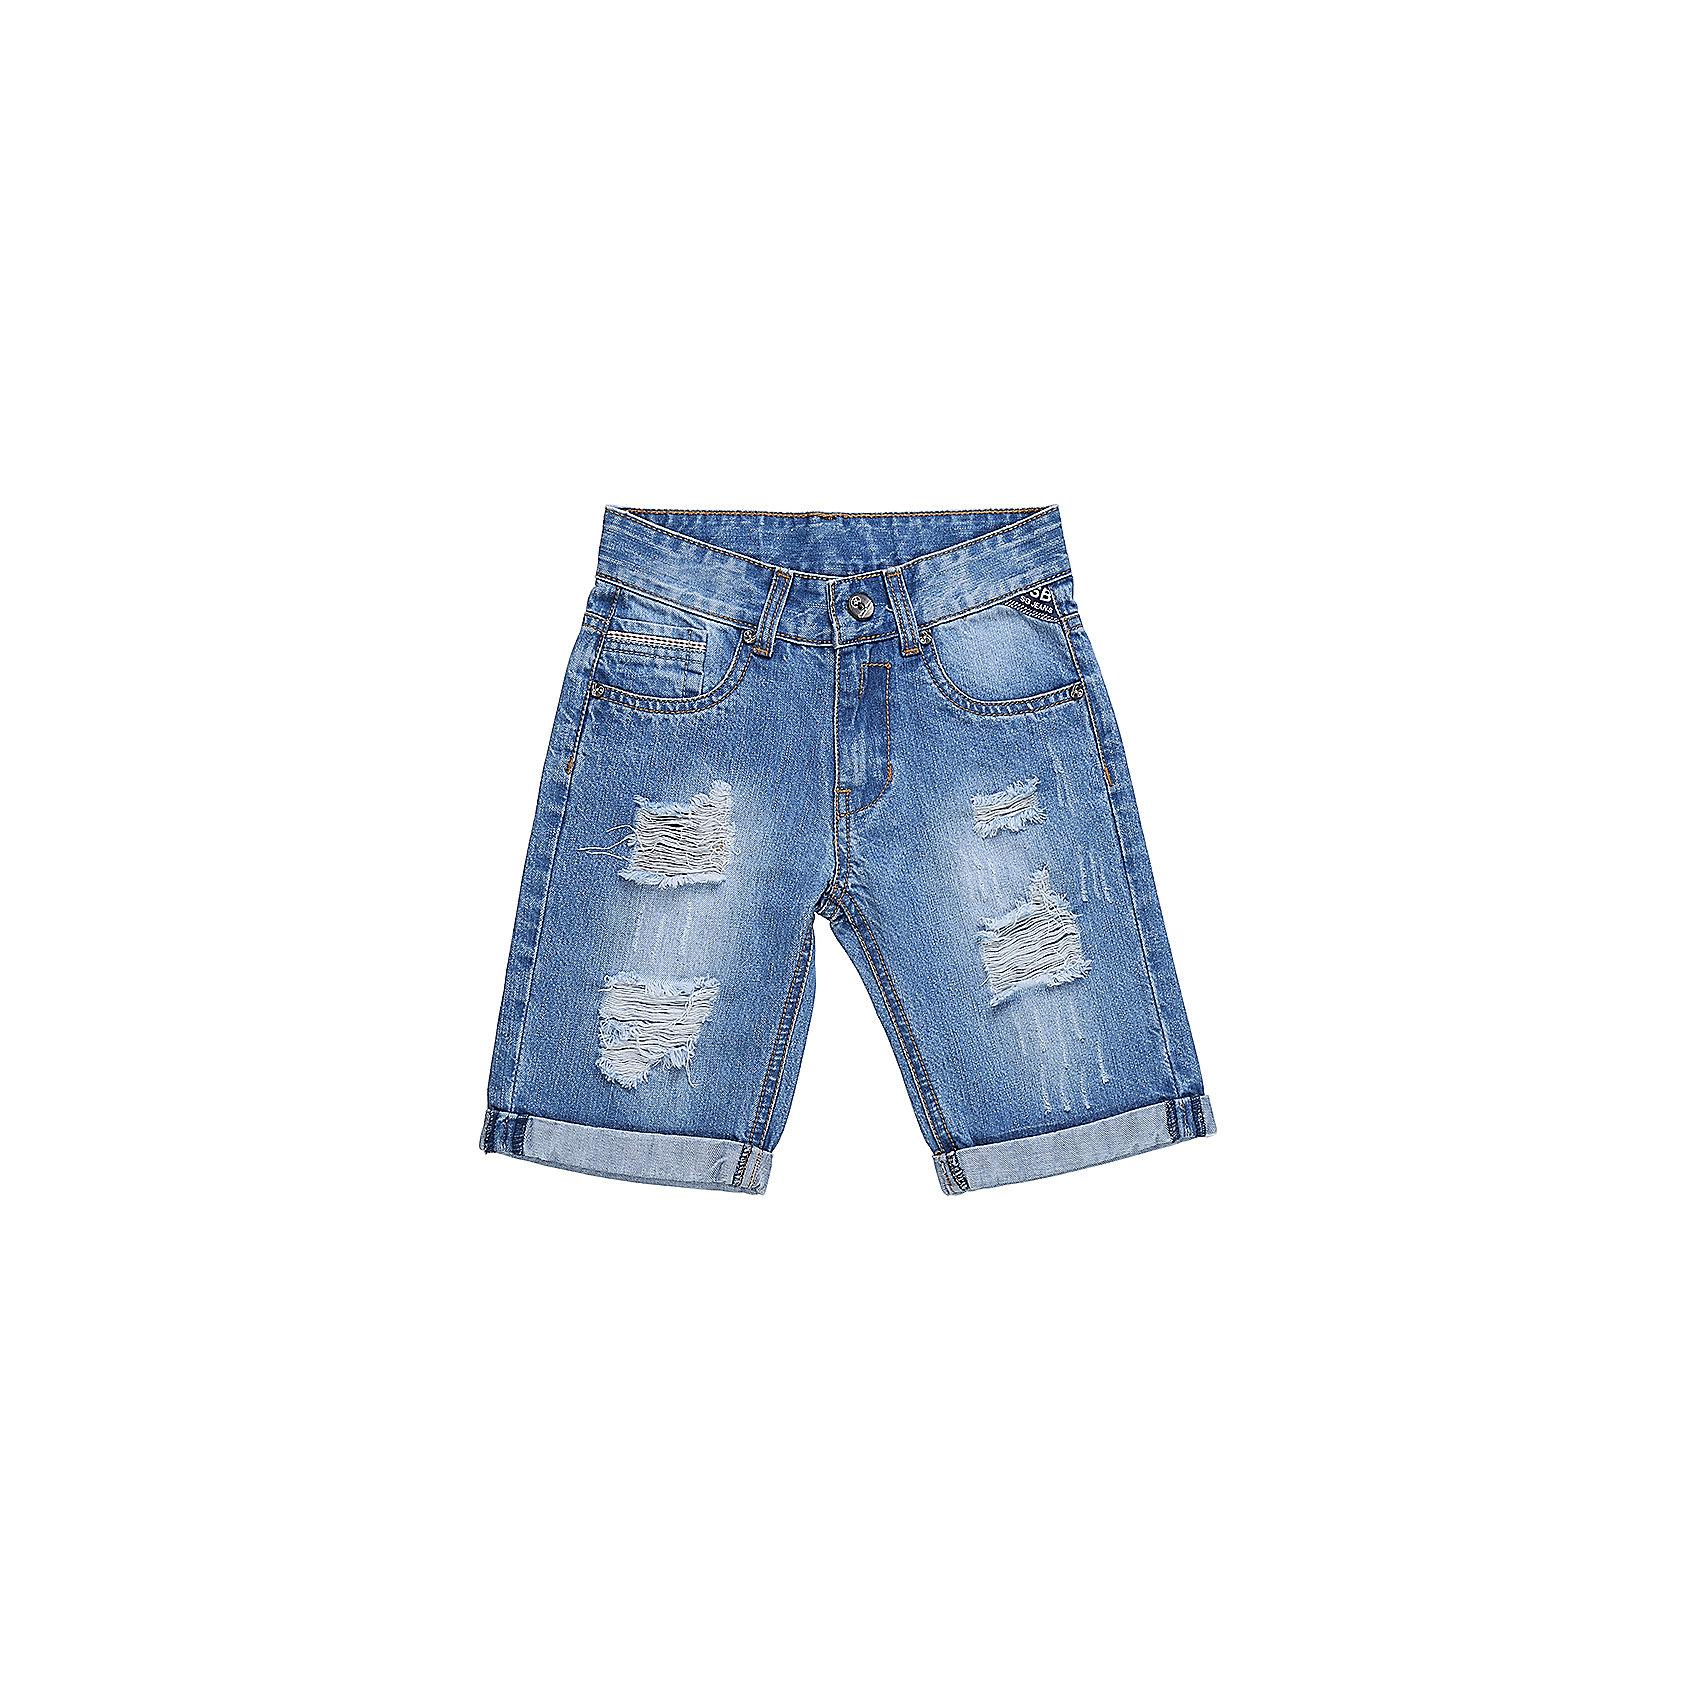 Шорты джинсовые для мальчика Sweet BerryДжинсовая одежда<br>Джинсовые шорты для мальчика Декорированые по бокам изделия стильными молниями.   В боковой части пояса находятся вшитые эластичные ленты, регулирующие посадку по талии.<br>Состав:<br>100%хлопок<br><br>Ширина мм: 191<br>Глубина мм: 10<br>Высота мм: 175<br>Вес г: 273<br>Цвет: голубой<br>Возраст от месяцев: 36<br>Возраст до месяцев: 48<br>Пол: Мужской<br>Возраст: Детский<br>Размер: 116,122,128,104,98,110<br>SKU: 5410379